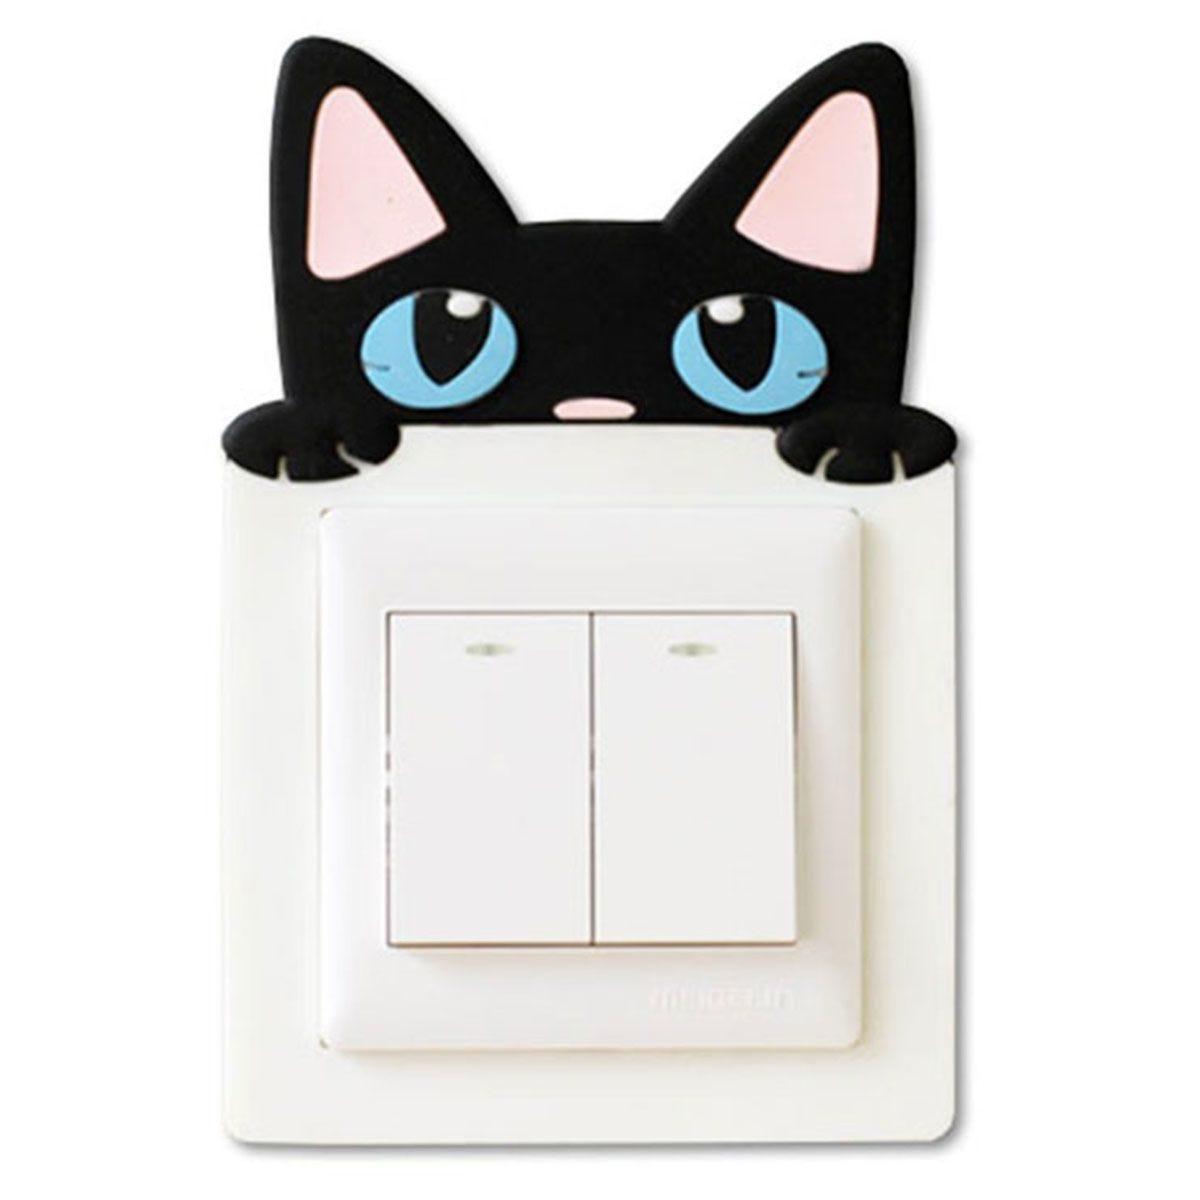 Haven Novelty Light Cover Sticker – White Cat